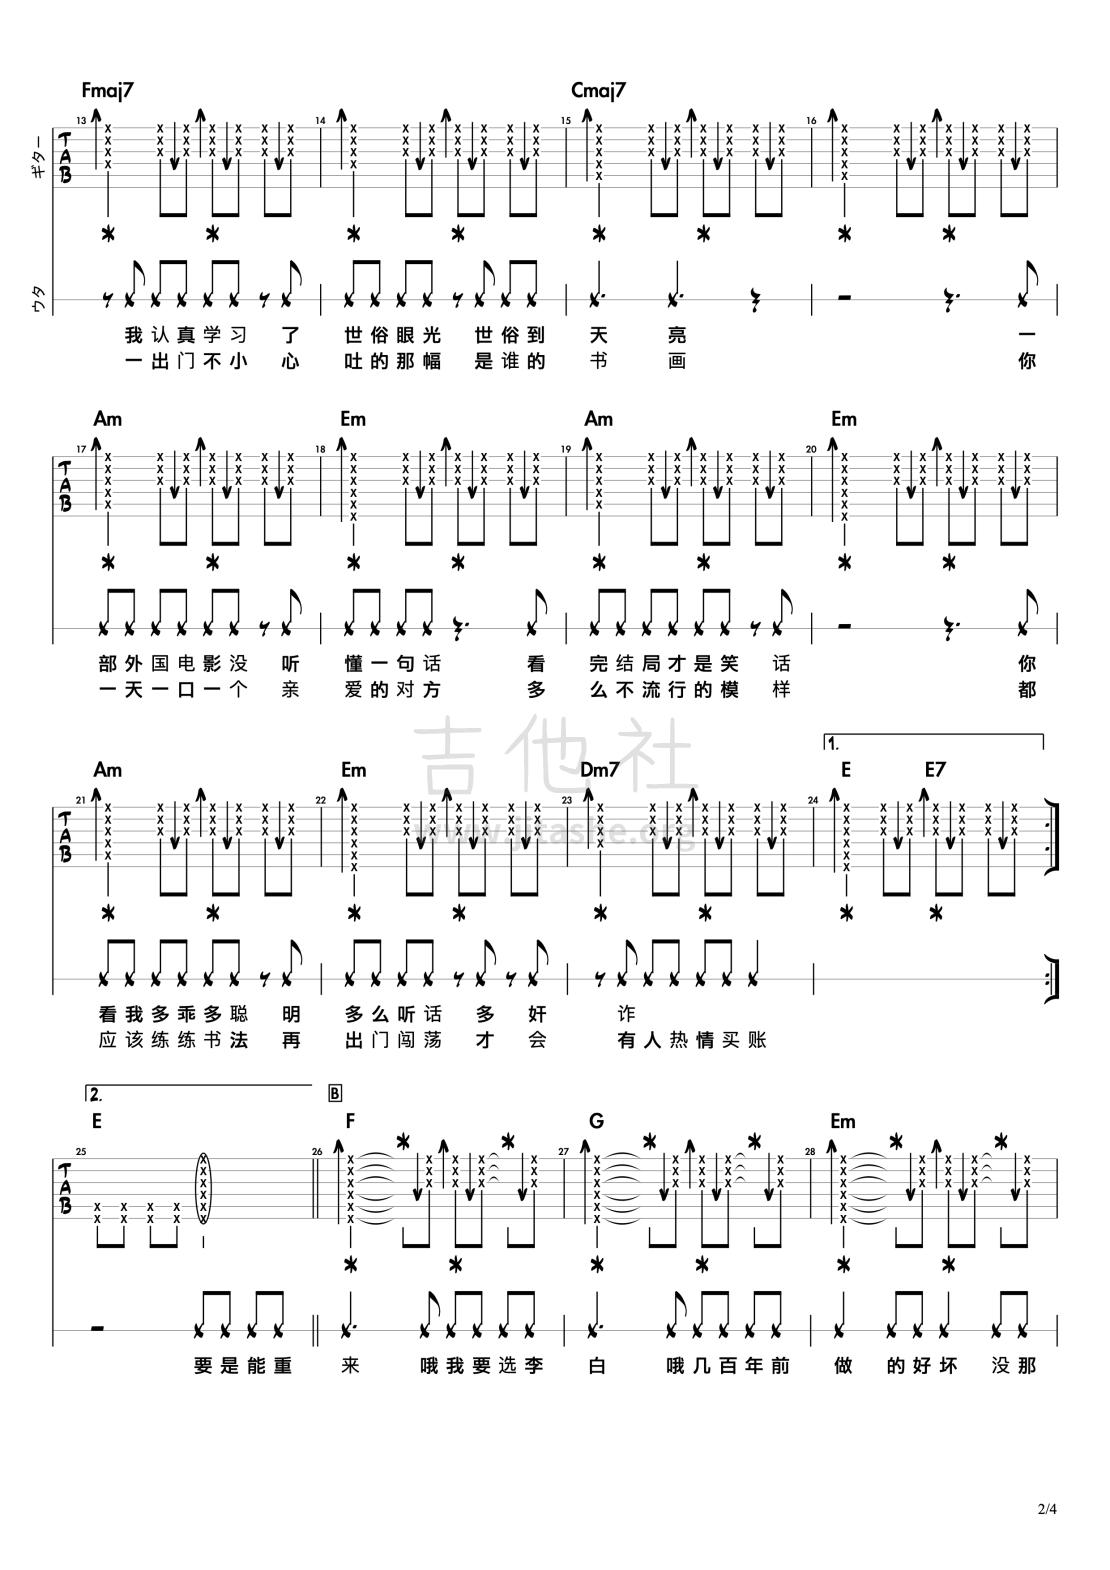 李白(14吉他屋)吉他谱(图片谱,弹唱)_李荣浩_李白#2.png